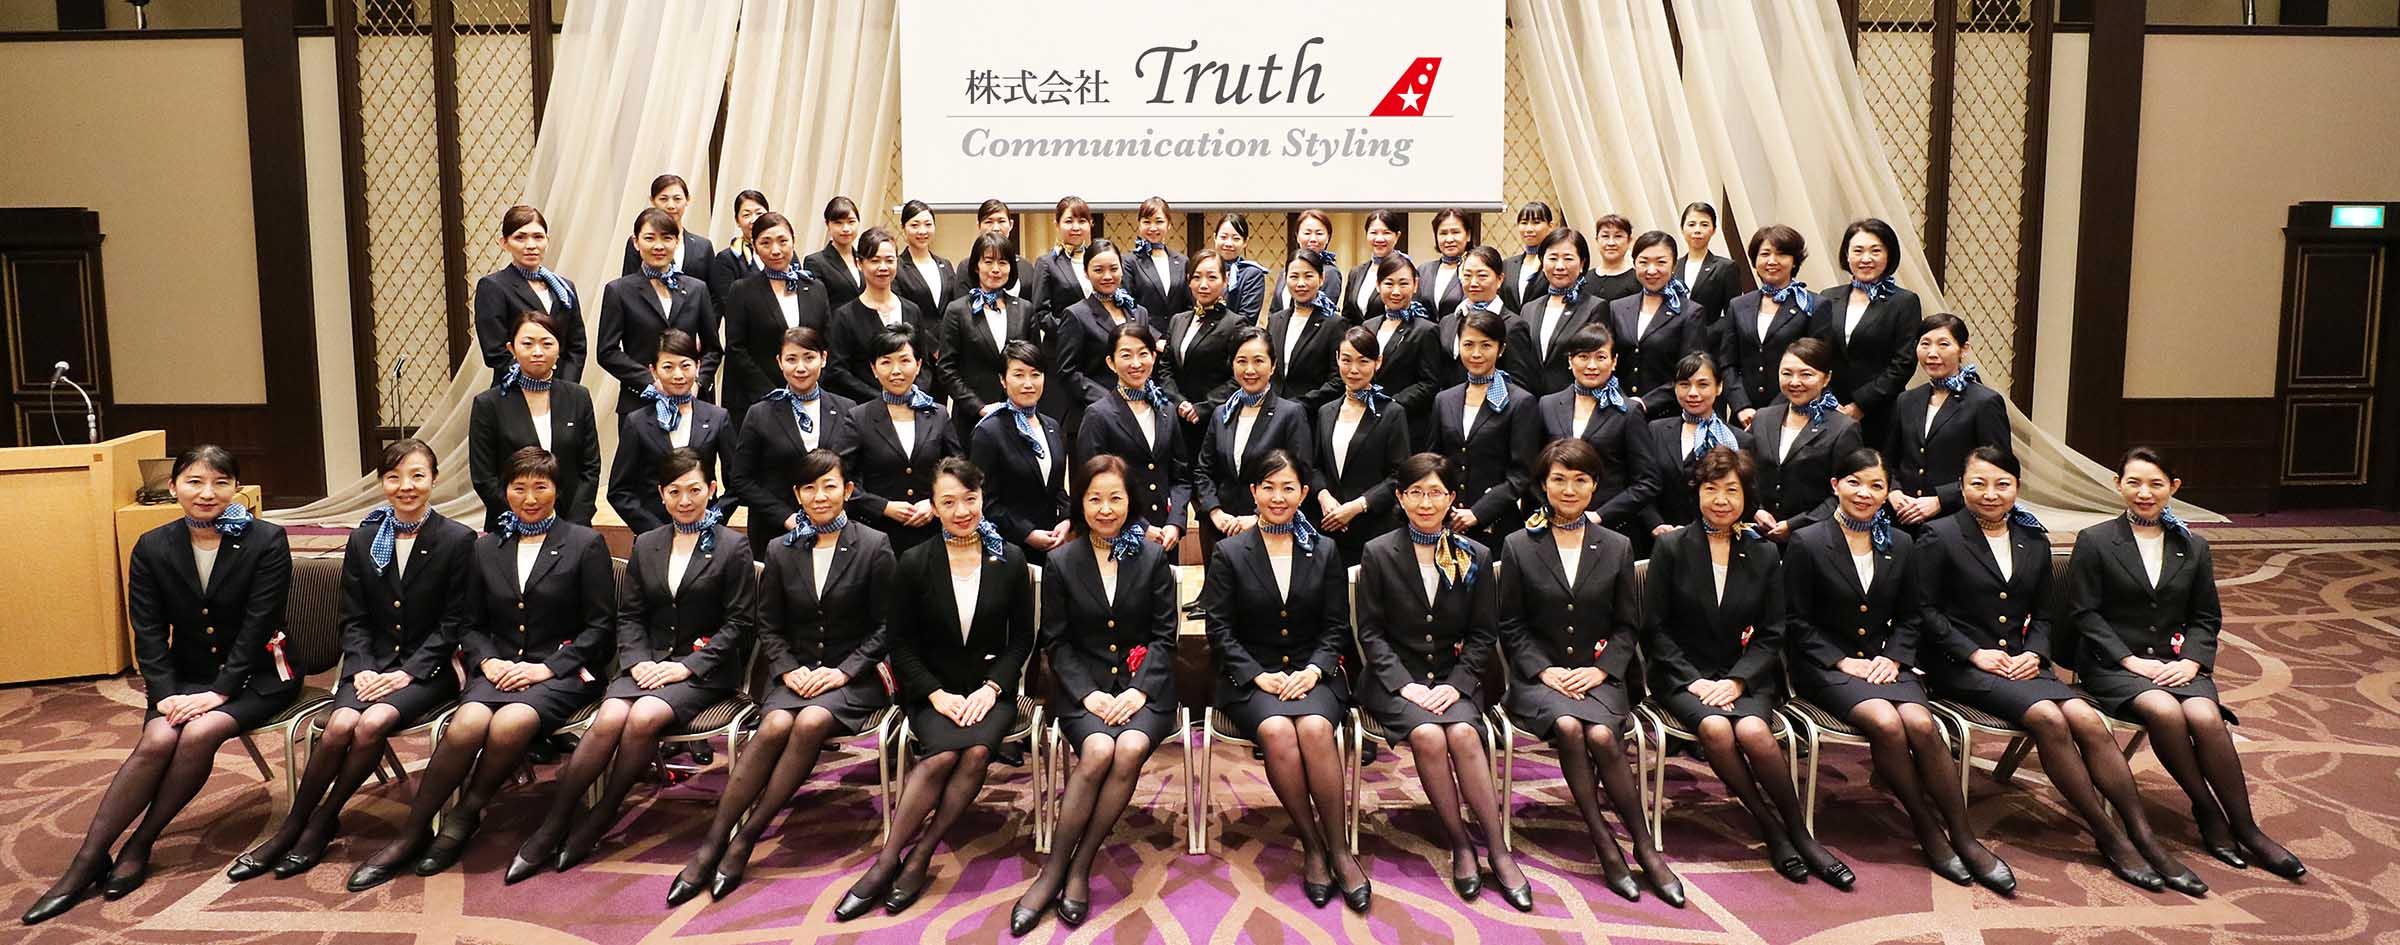 株式会社Trurh